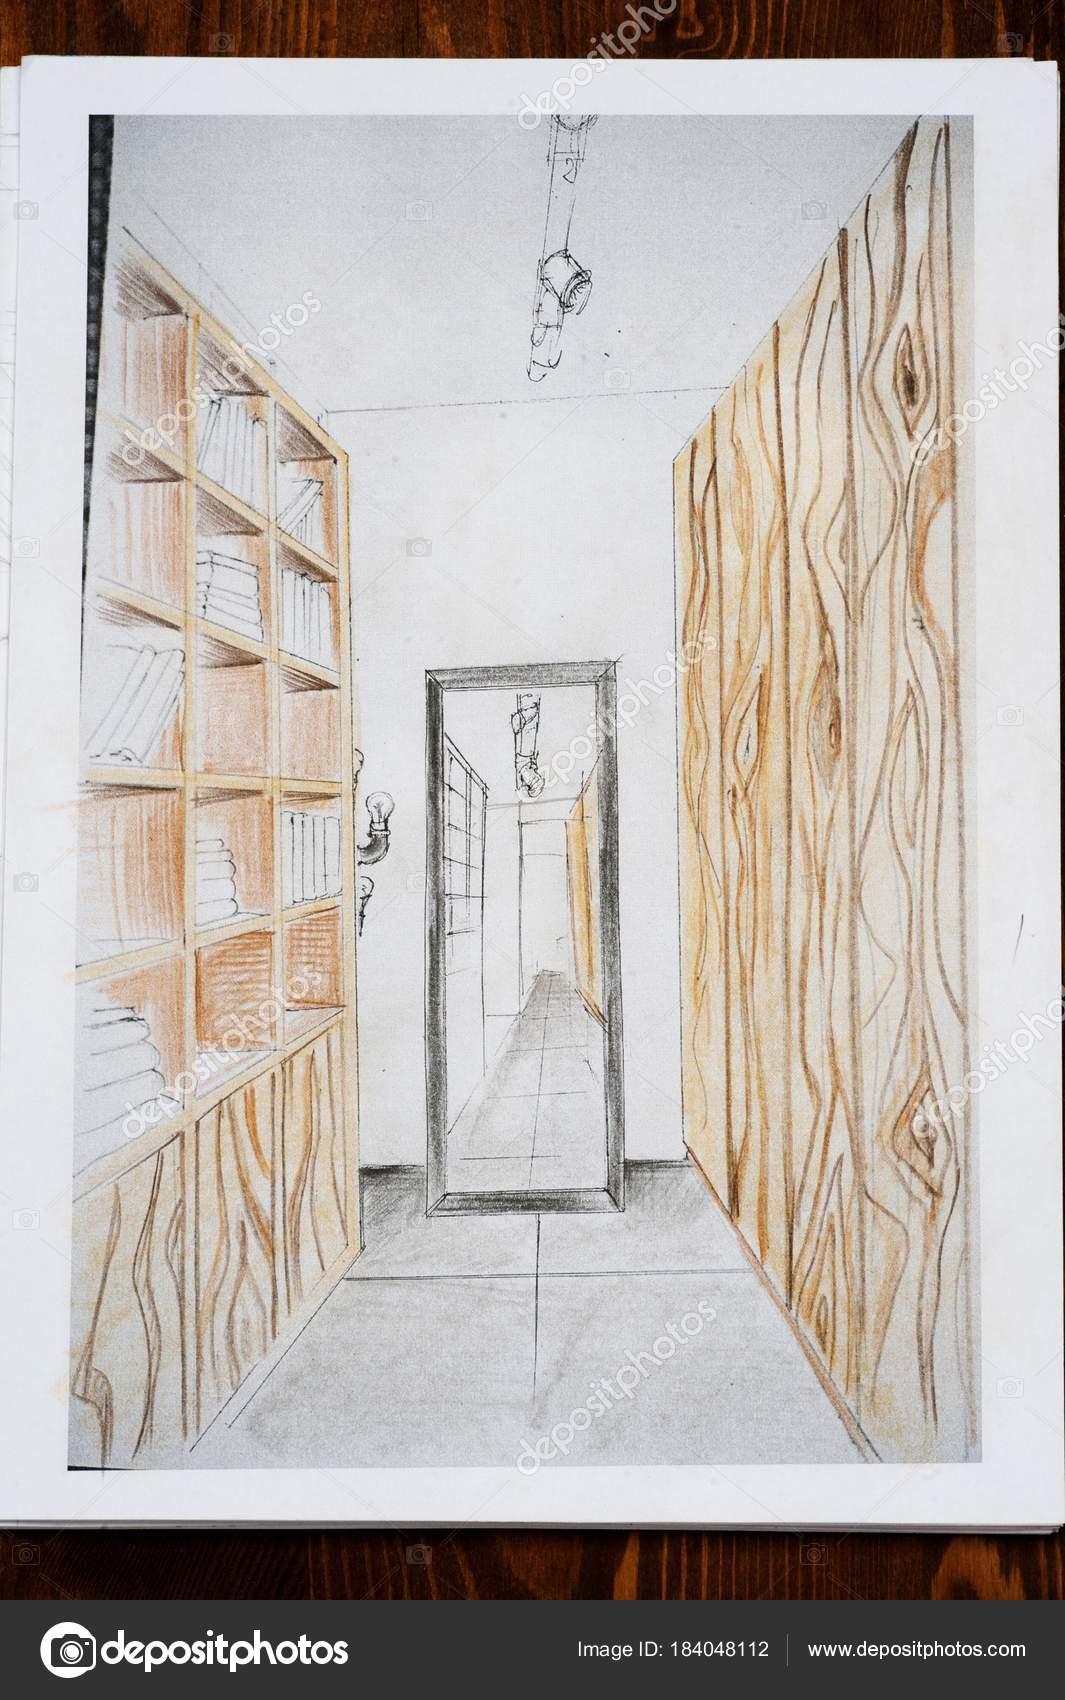 door pencil drawing broken door interior design drawn pencil sketch drawing stock photo ssergio